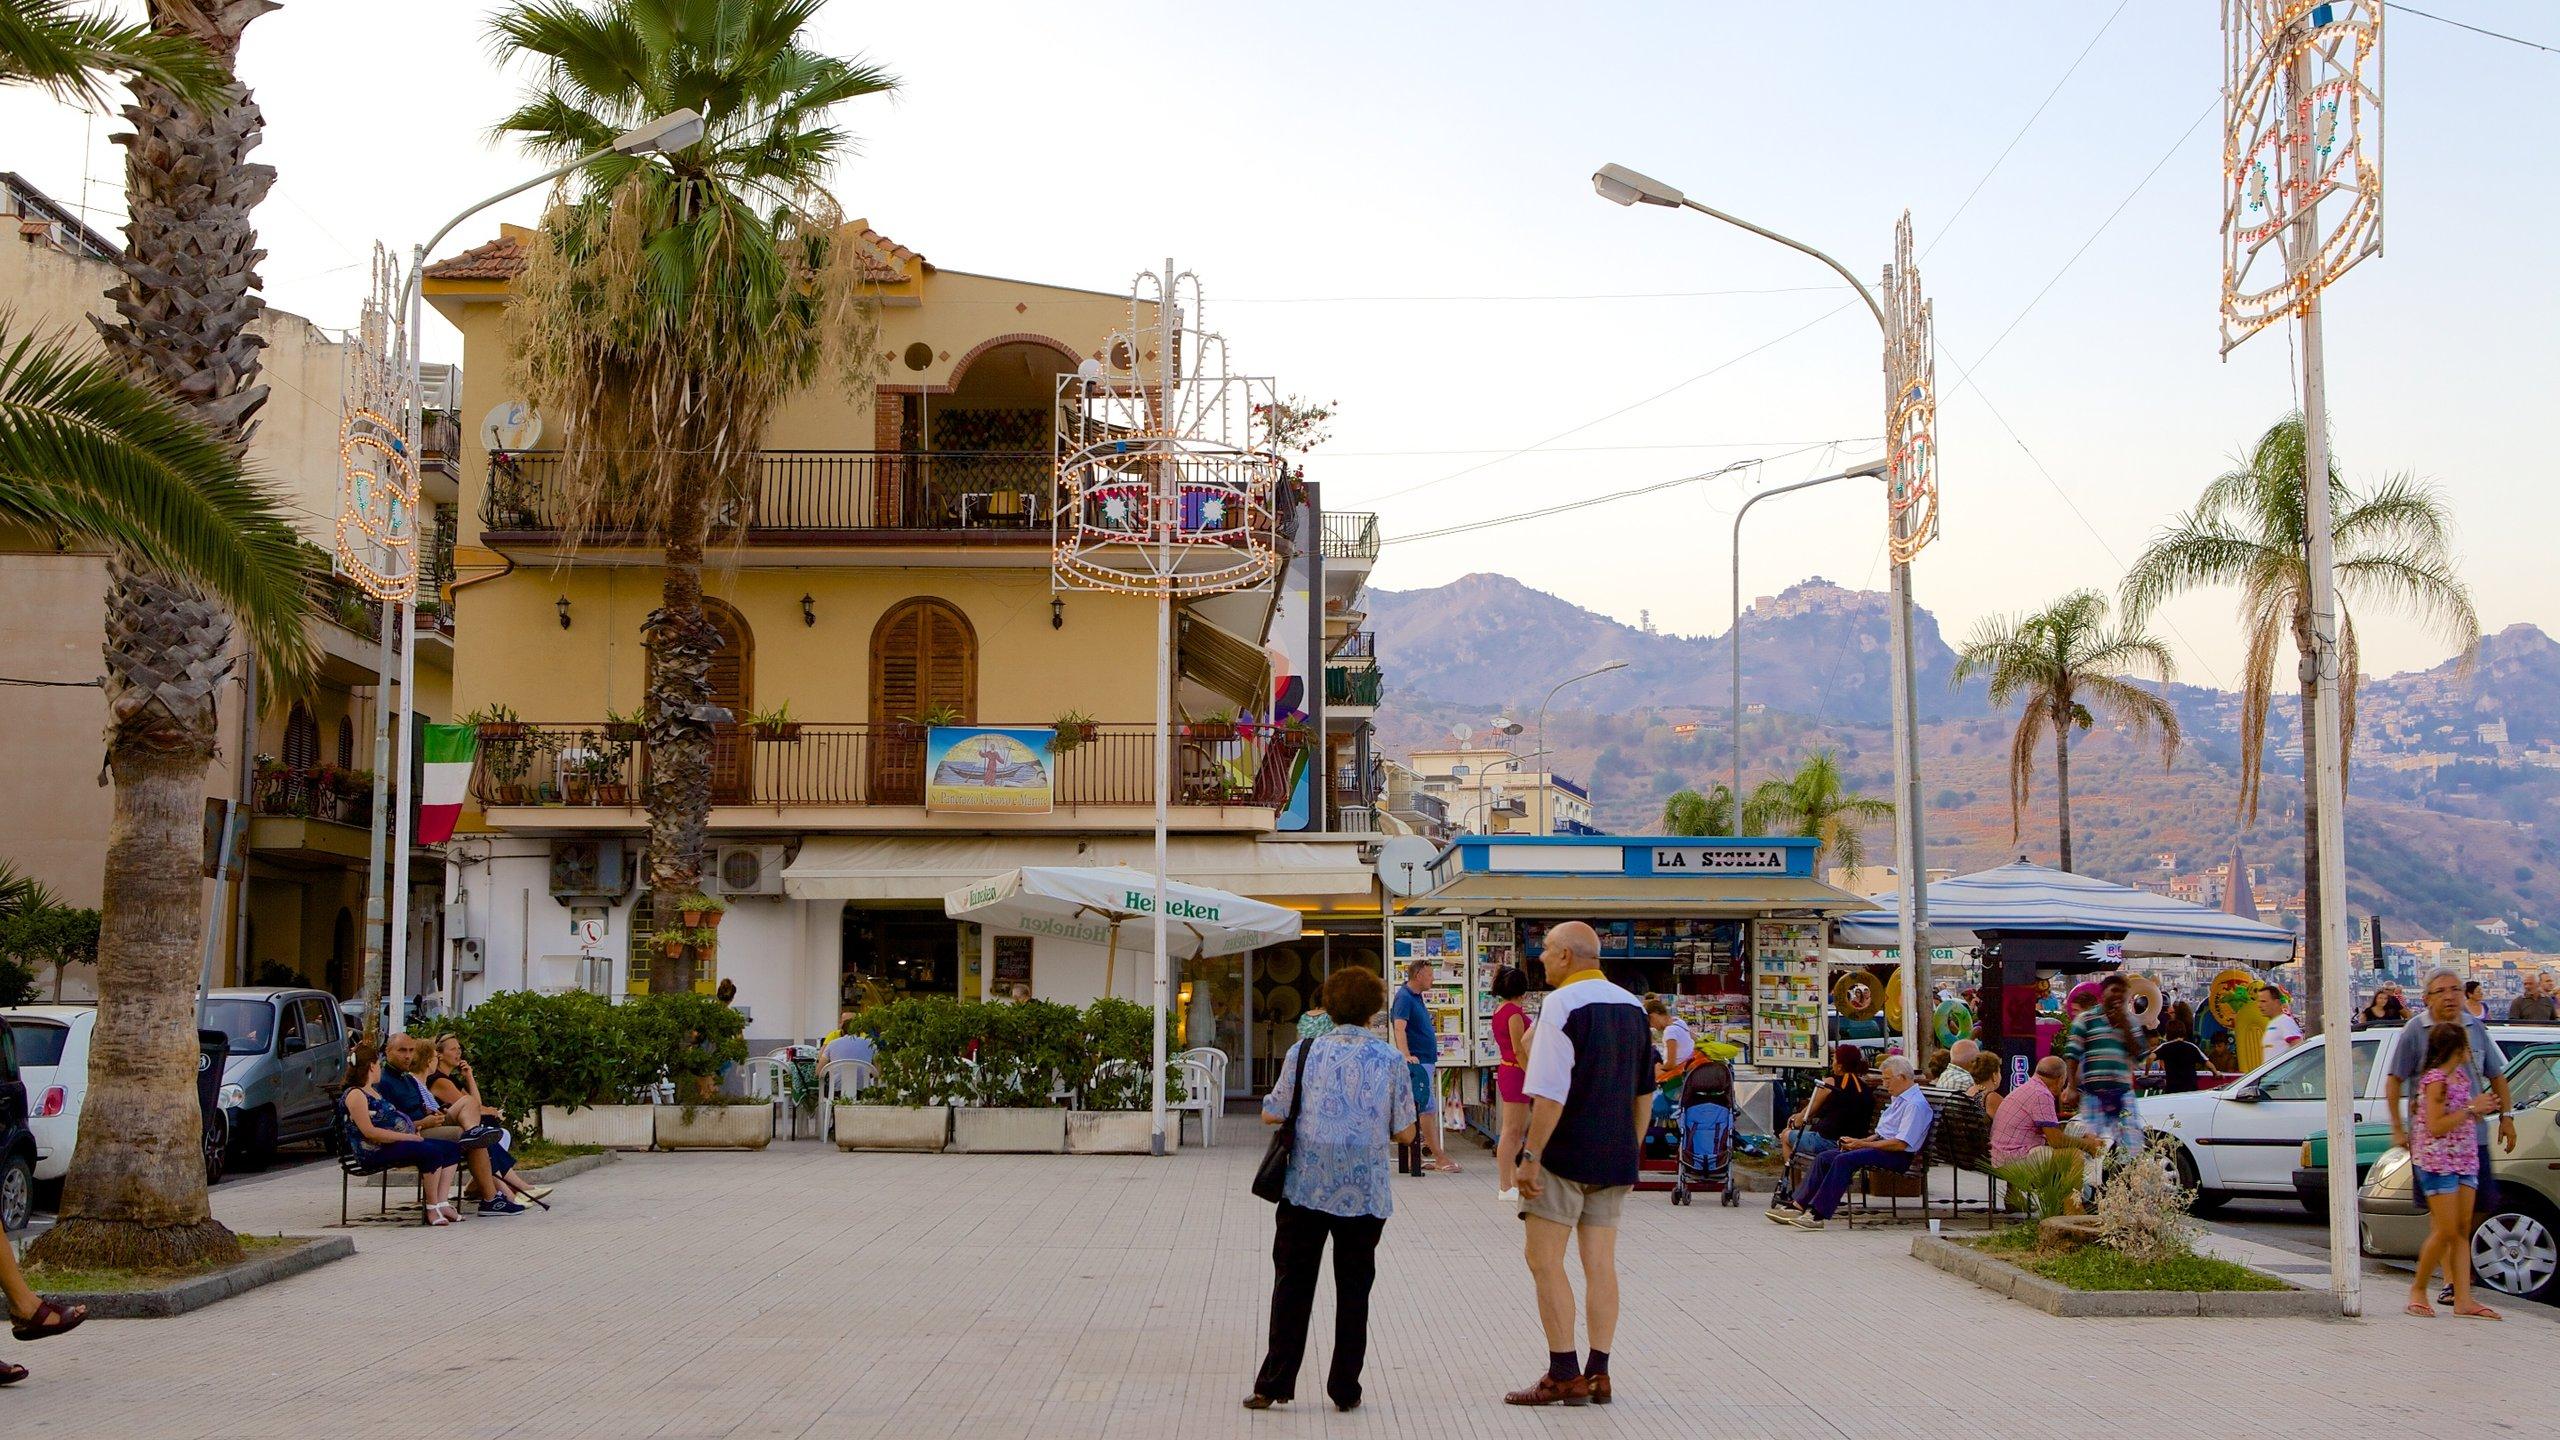 giardini naxos shopping center